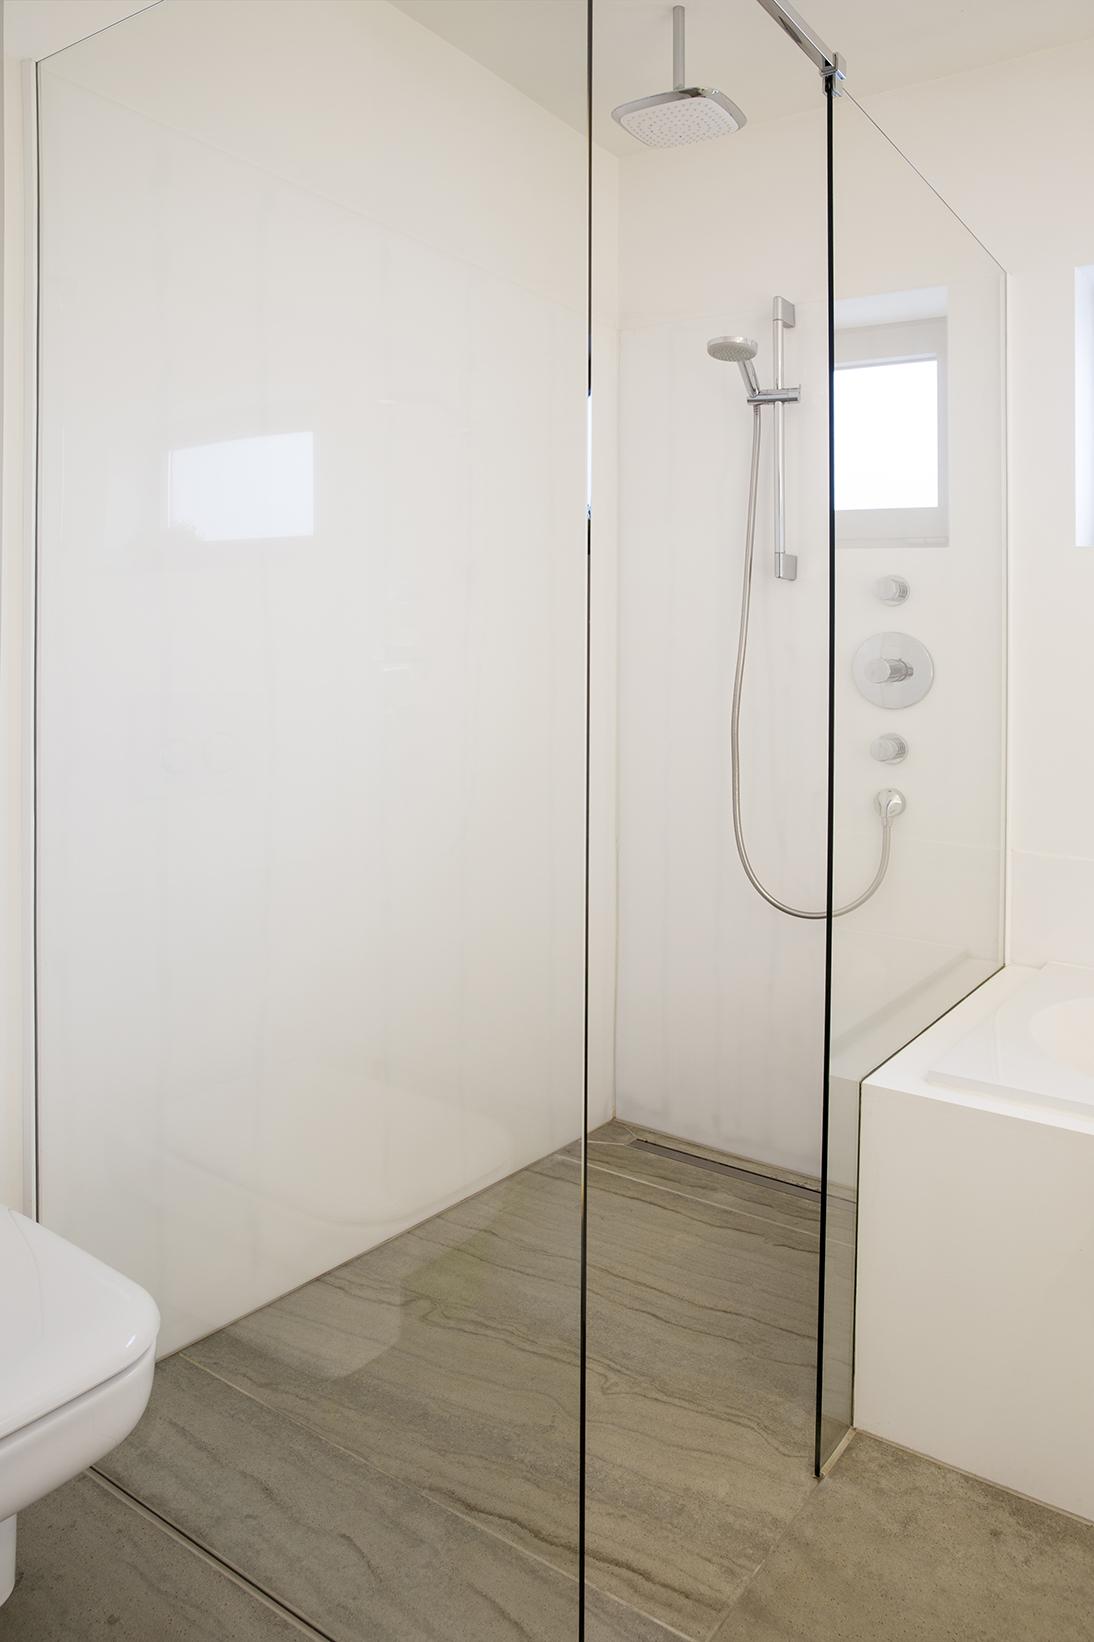 kokken-v-badkamer-hoek-416 - Kokken Renovaties